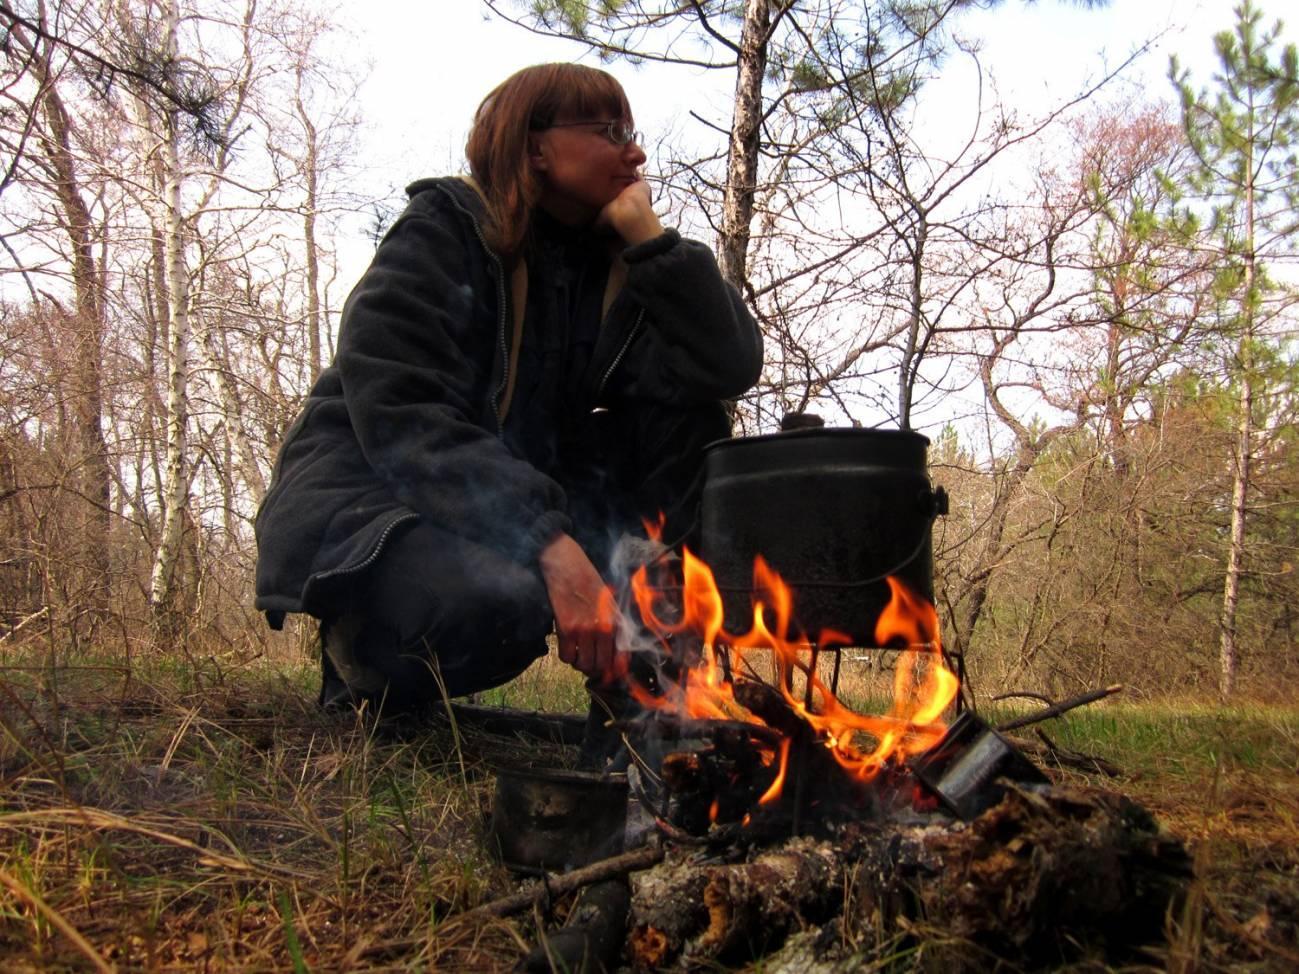 Путешественница возле костра готовит пищу